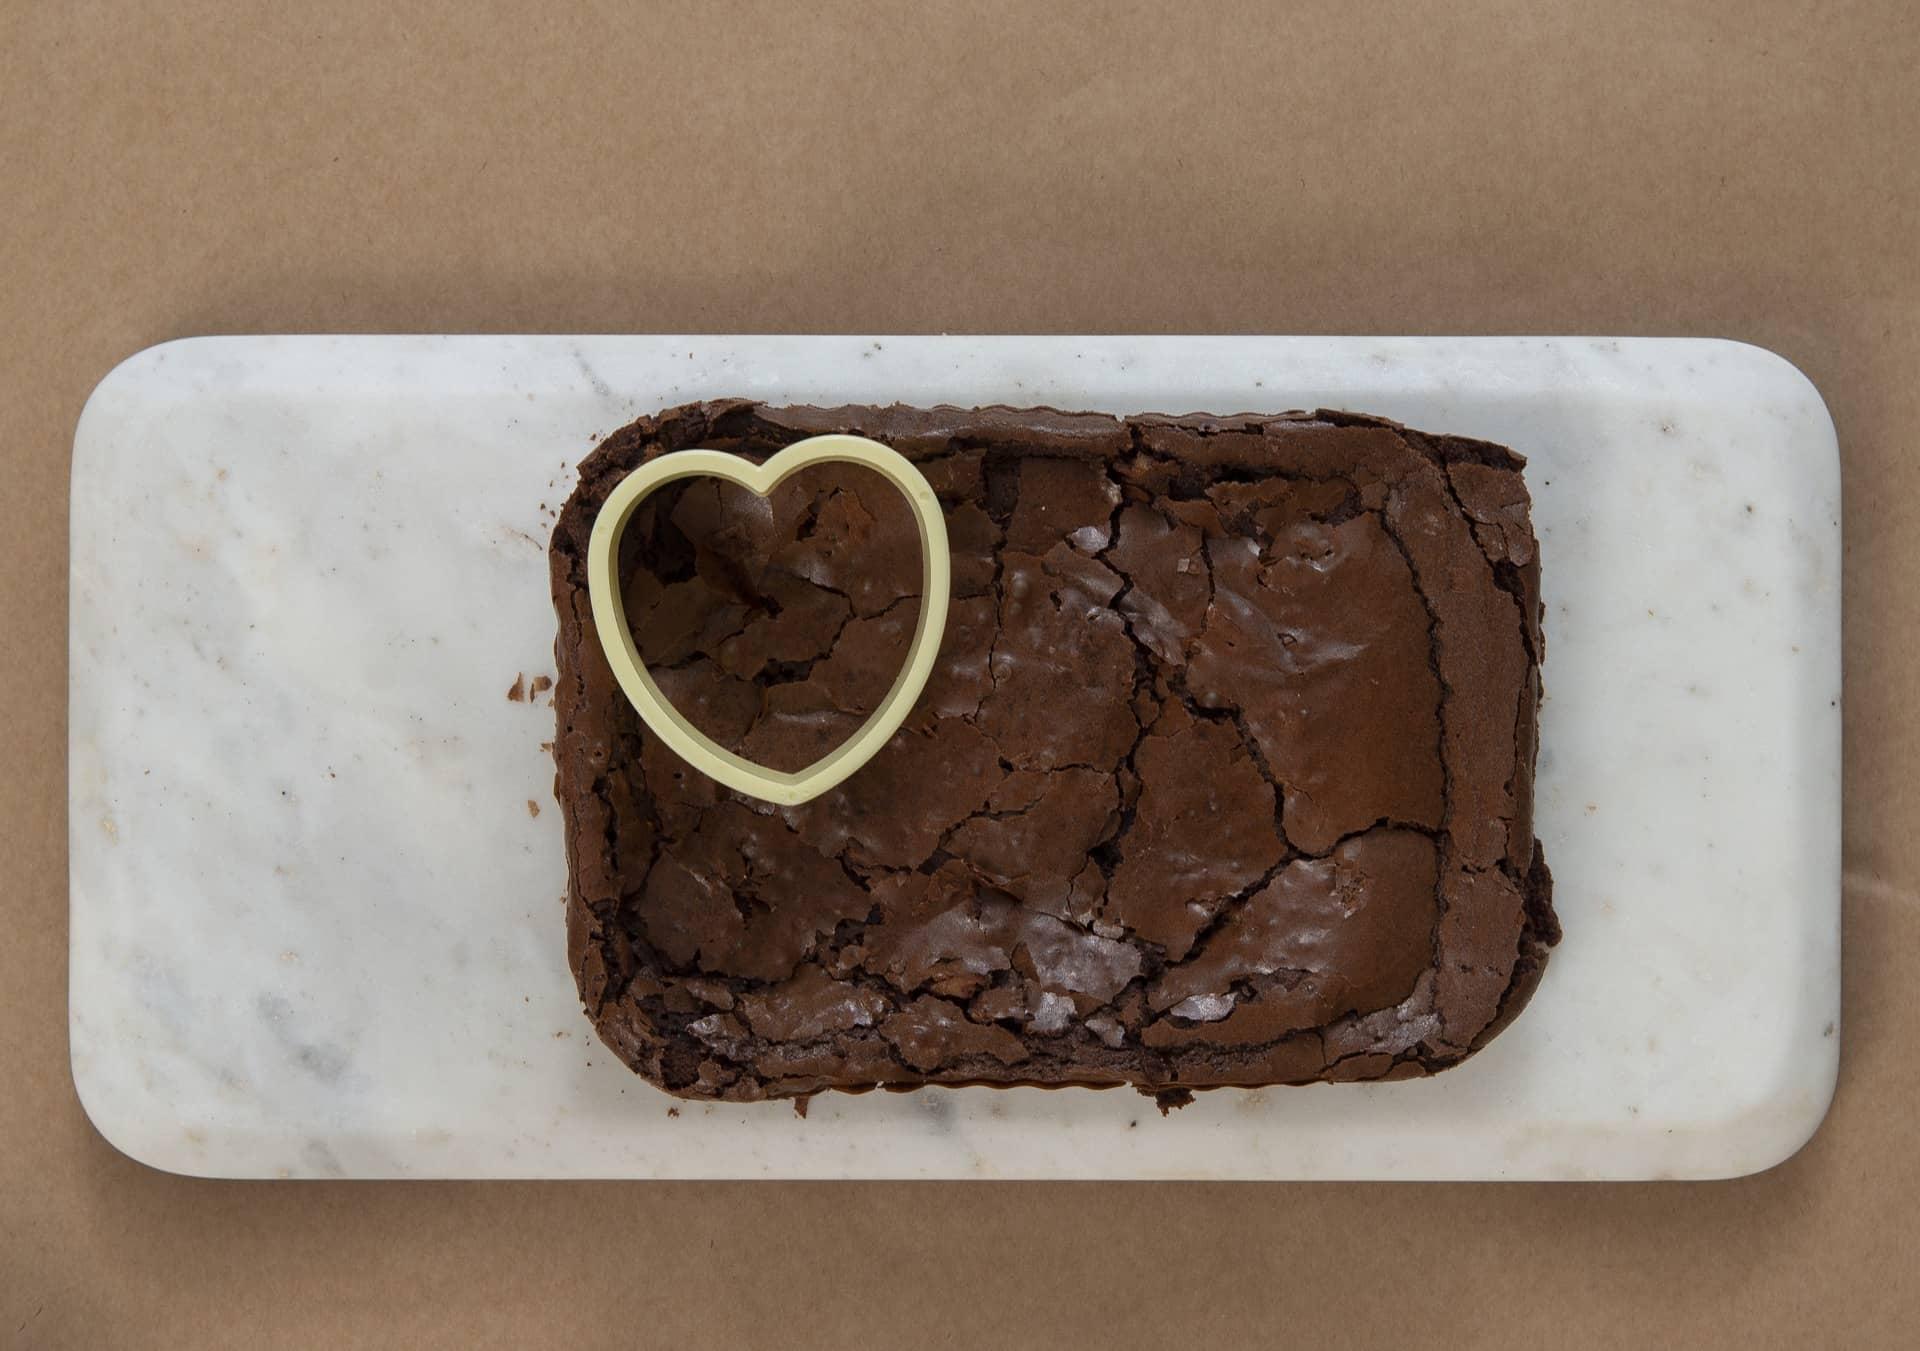 Passo 2: posicione o cortador de biscoitos na extremidade do brownie e pressione com cuidado até o final. Foto: Cacá Bratke